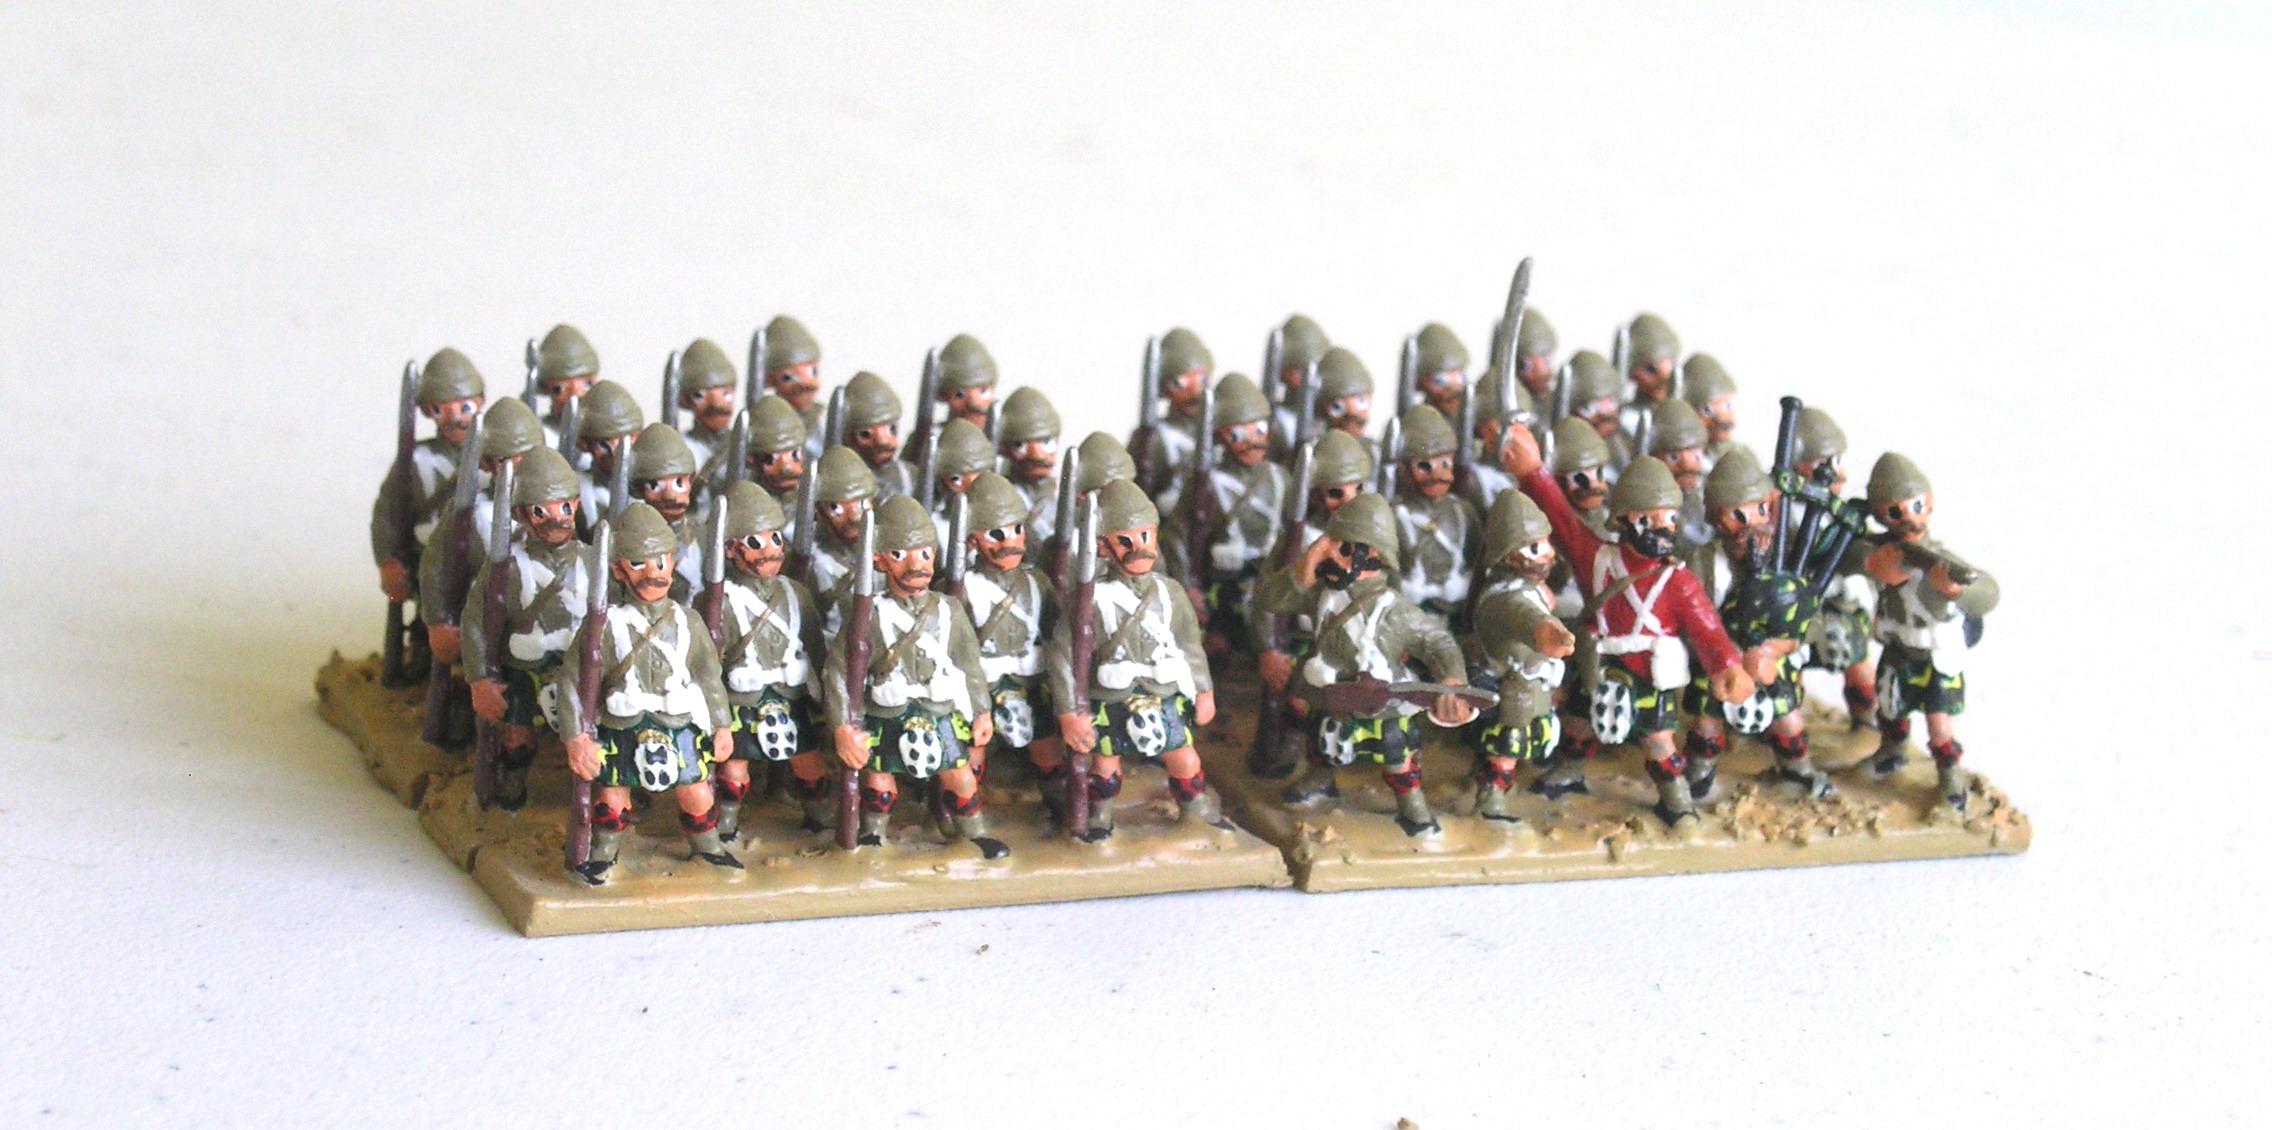 Battalion: 95th Highlanders